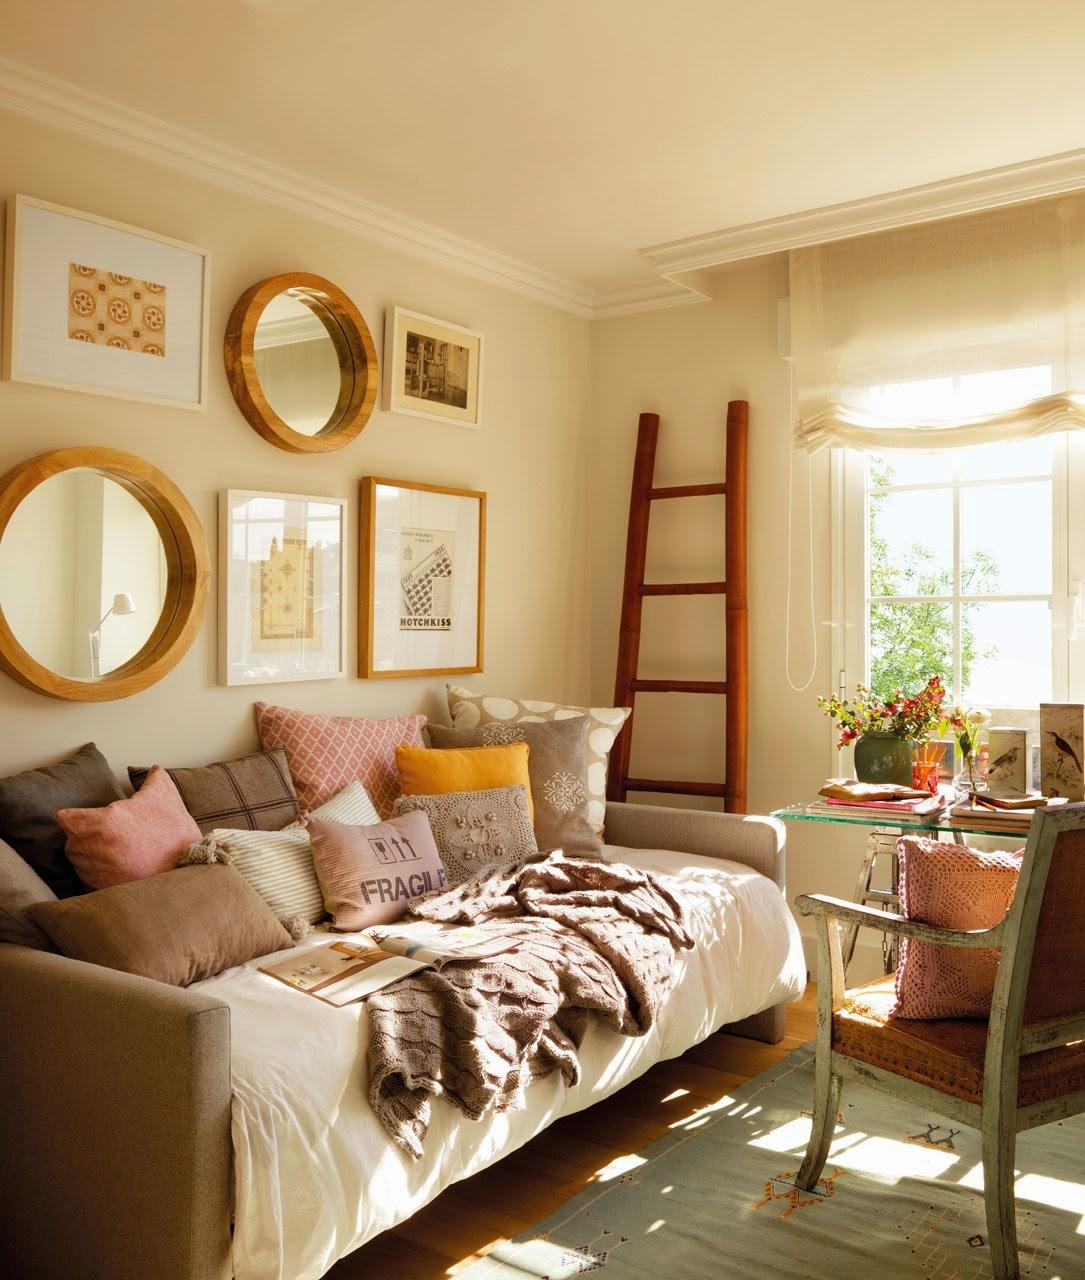 Habitacion de invitados o despacho y porque no dos en - Habitacion de invitados ...